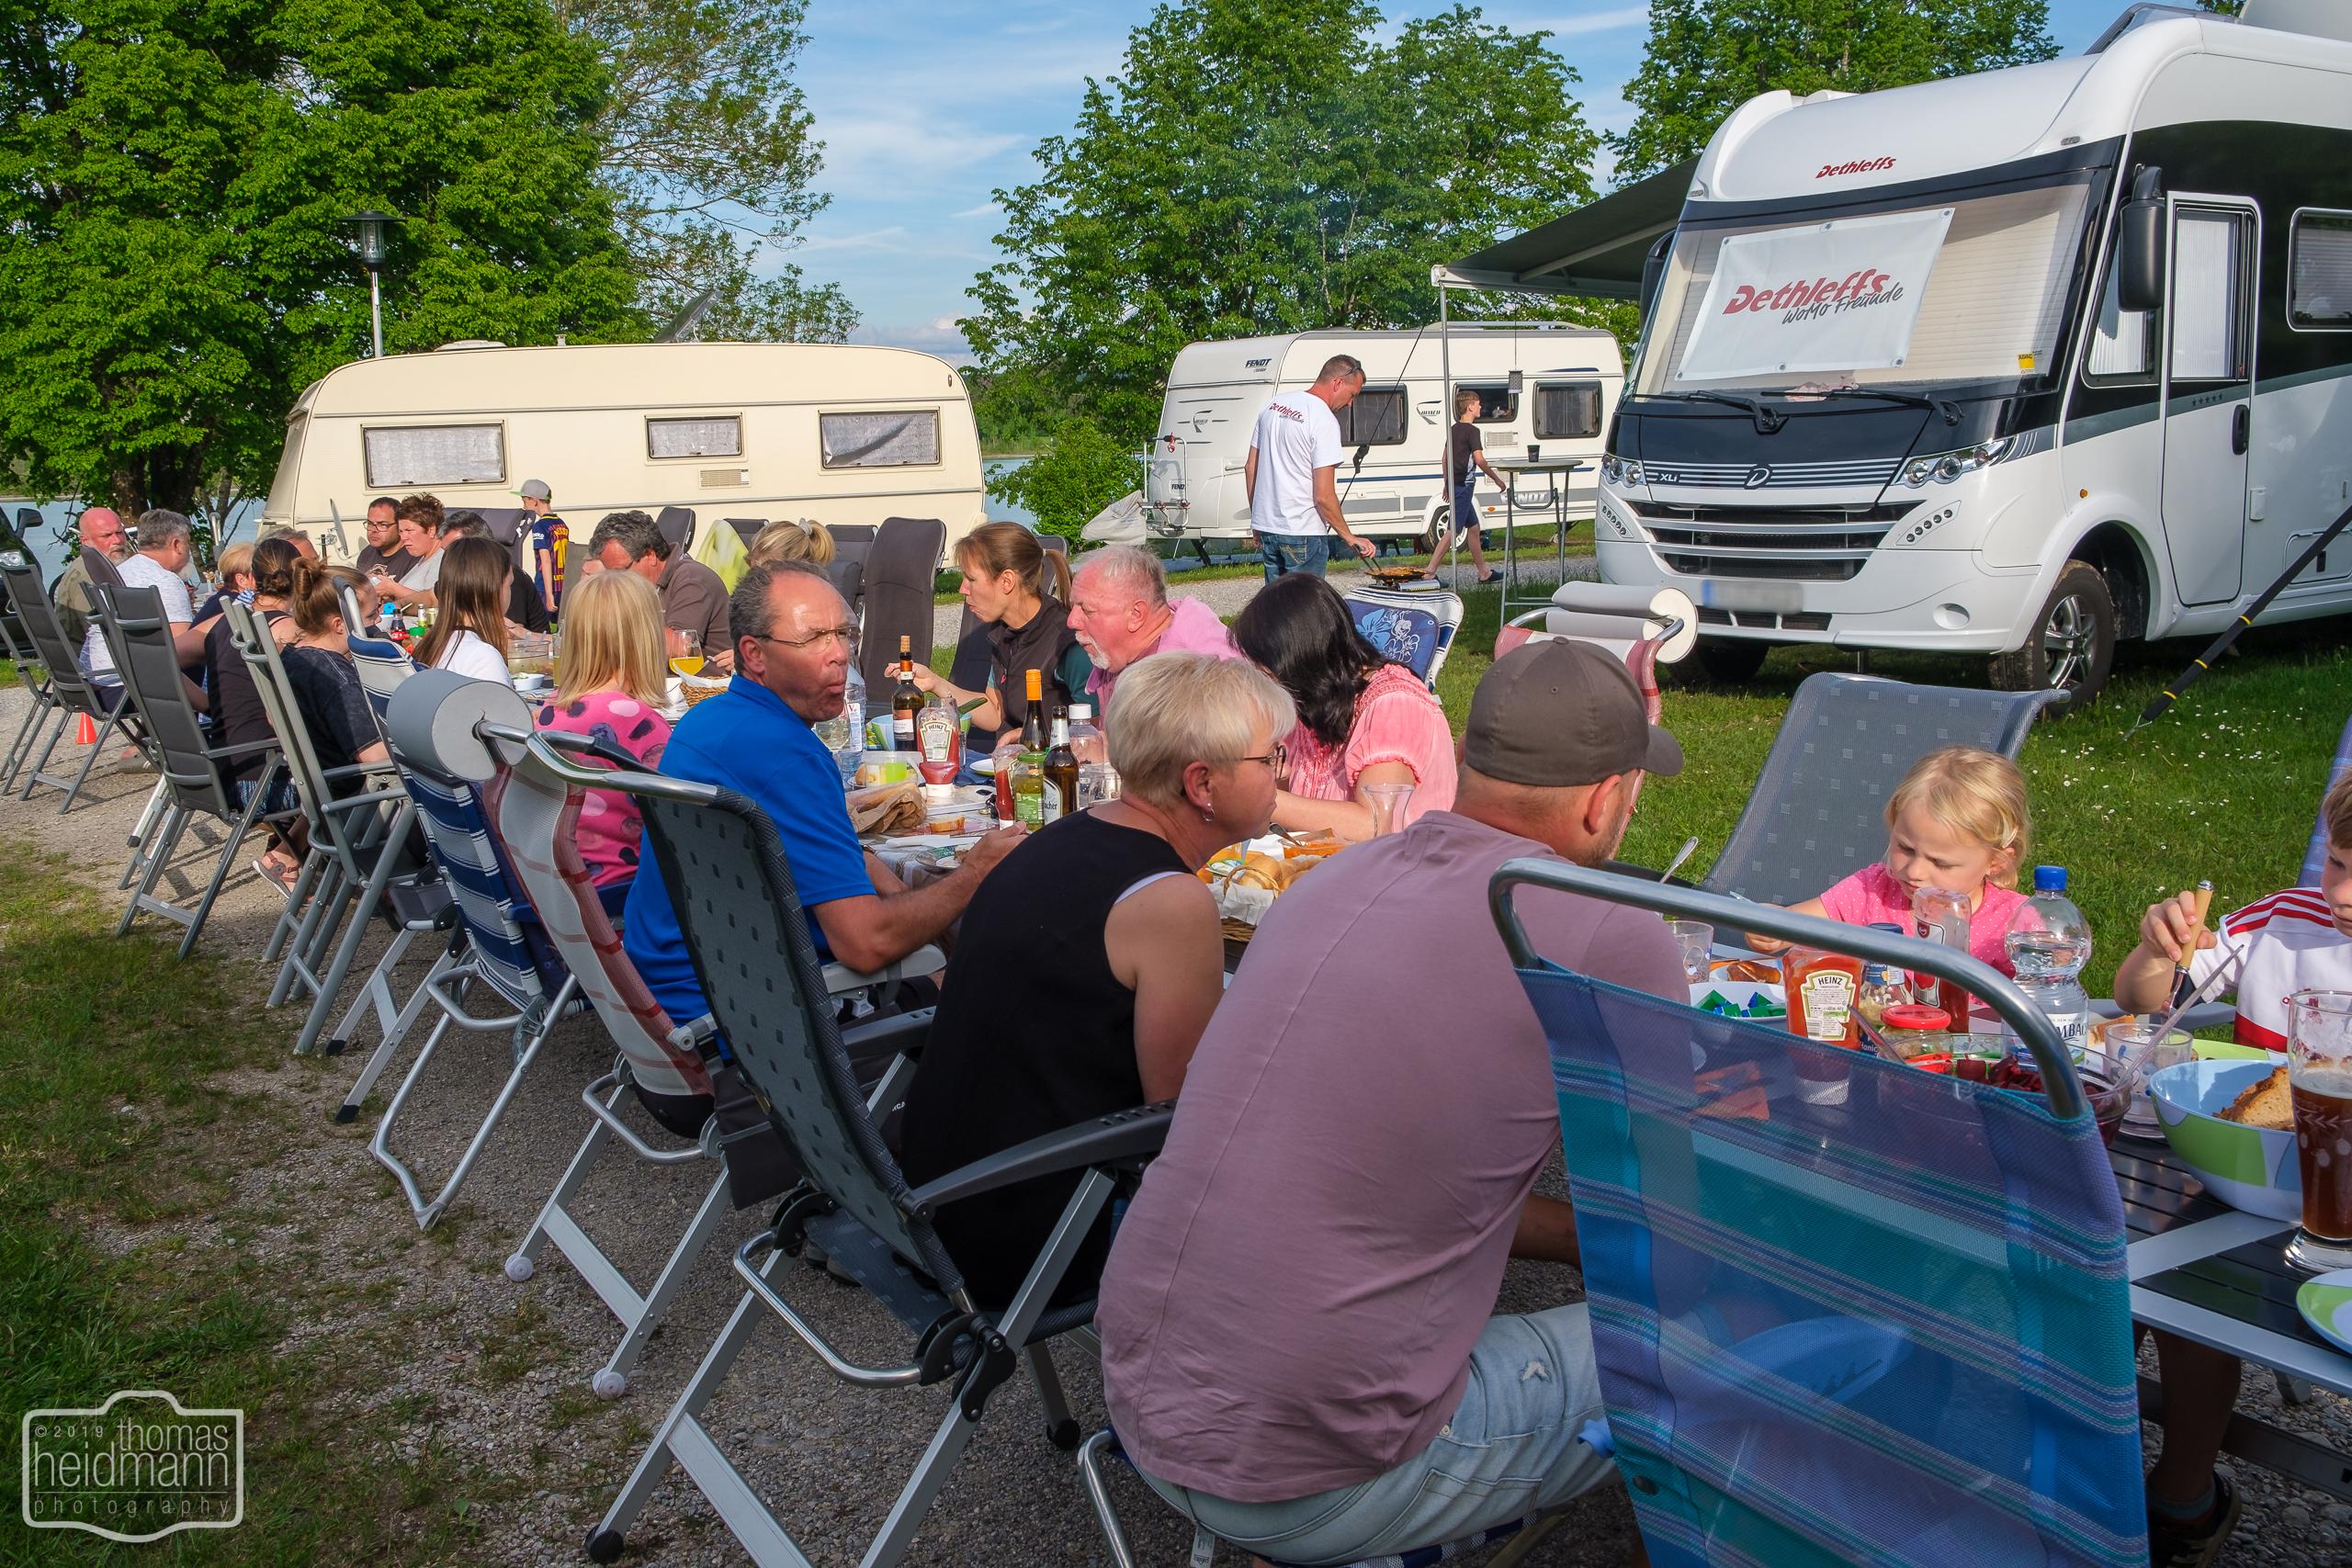 Facebook-Grupentreffen der Dethleffs WoMo Freunde im Sommer 2019 in Lechbruck am See